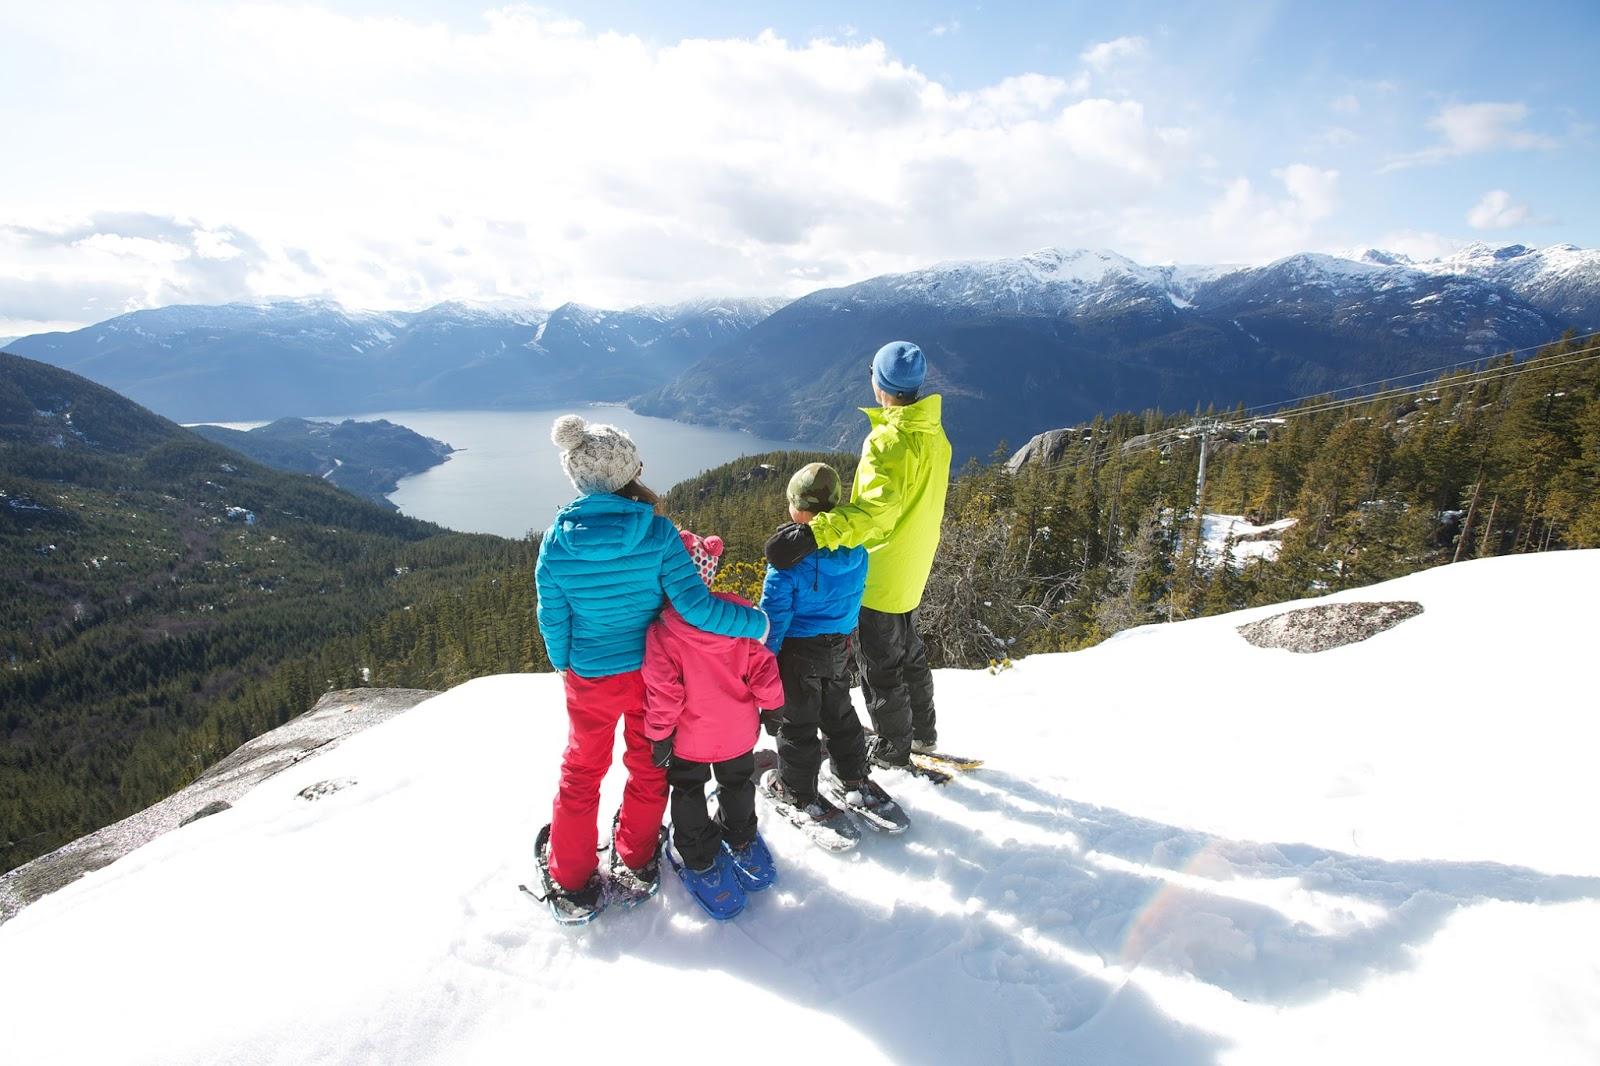 Intercâmbio em Vancouver com crianças: 4 programas para famílias